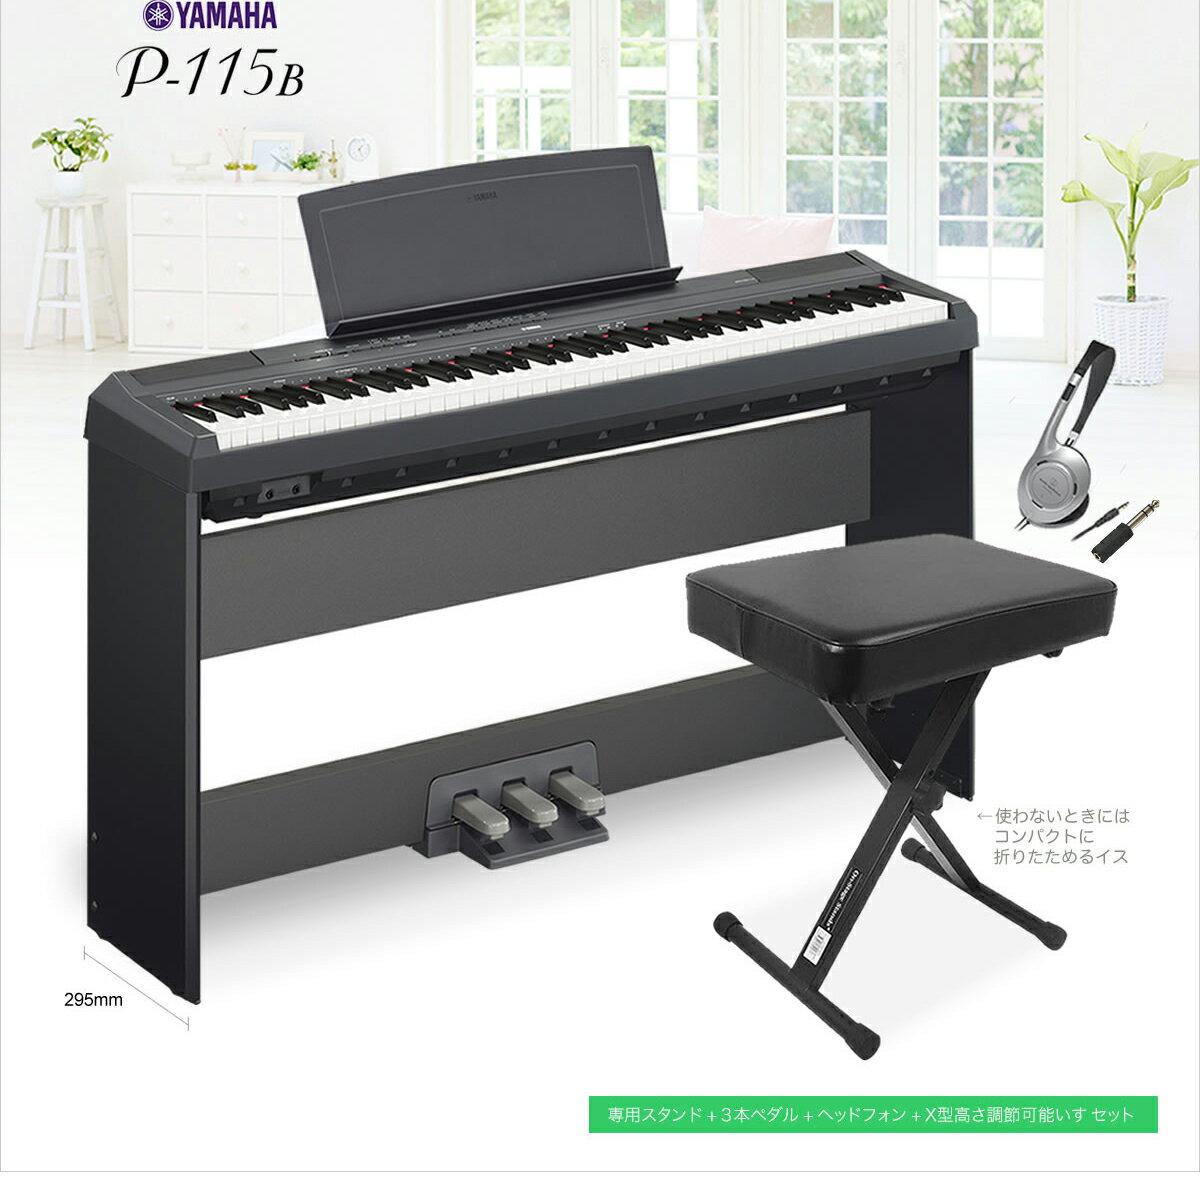 【在庫あり】YAMAHA P-115B & 専用スタンド・高さ調整イス セット(3本ペダル・ヘッドフォン付) 電子ピアノ 88鍵盤 【ヤマハ P115】 【オンラインストア限定】